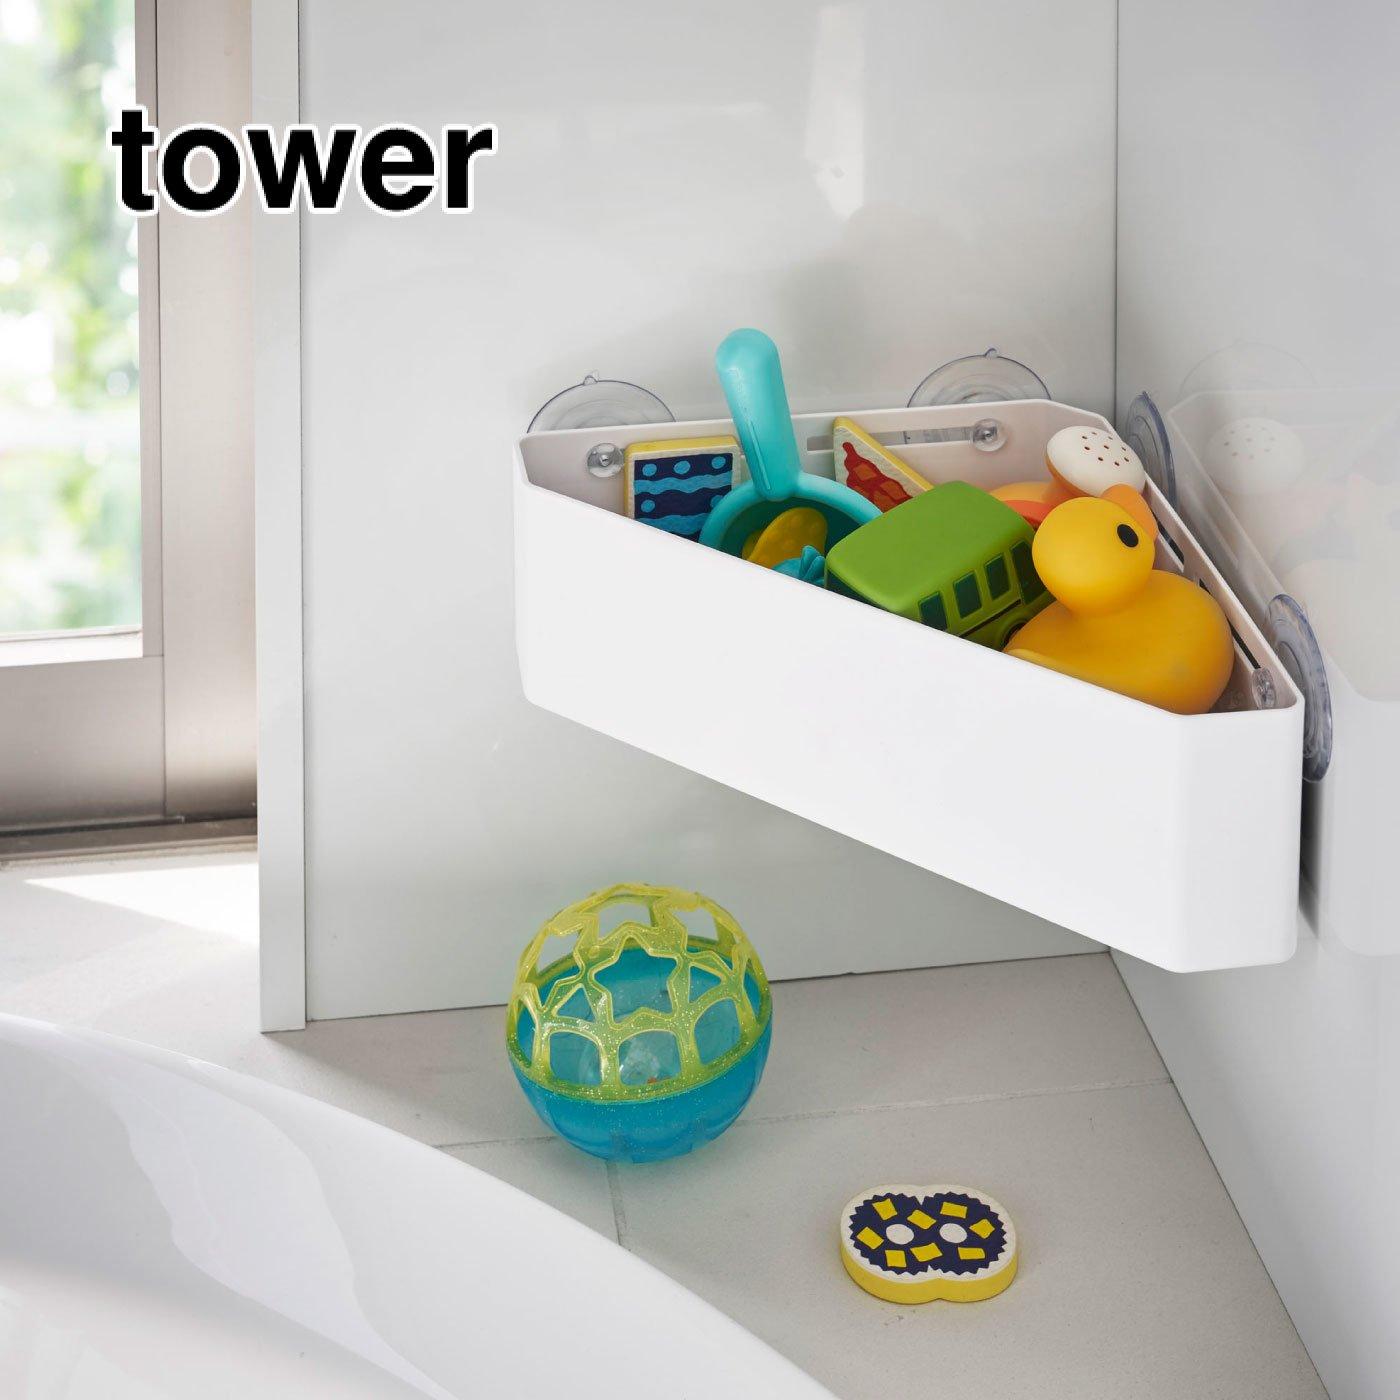 tower 吸盤バスルームコーナー